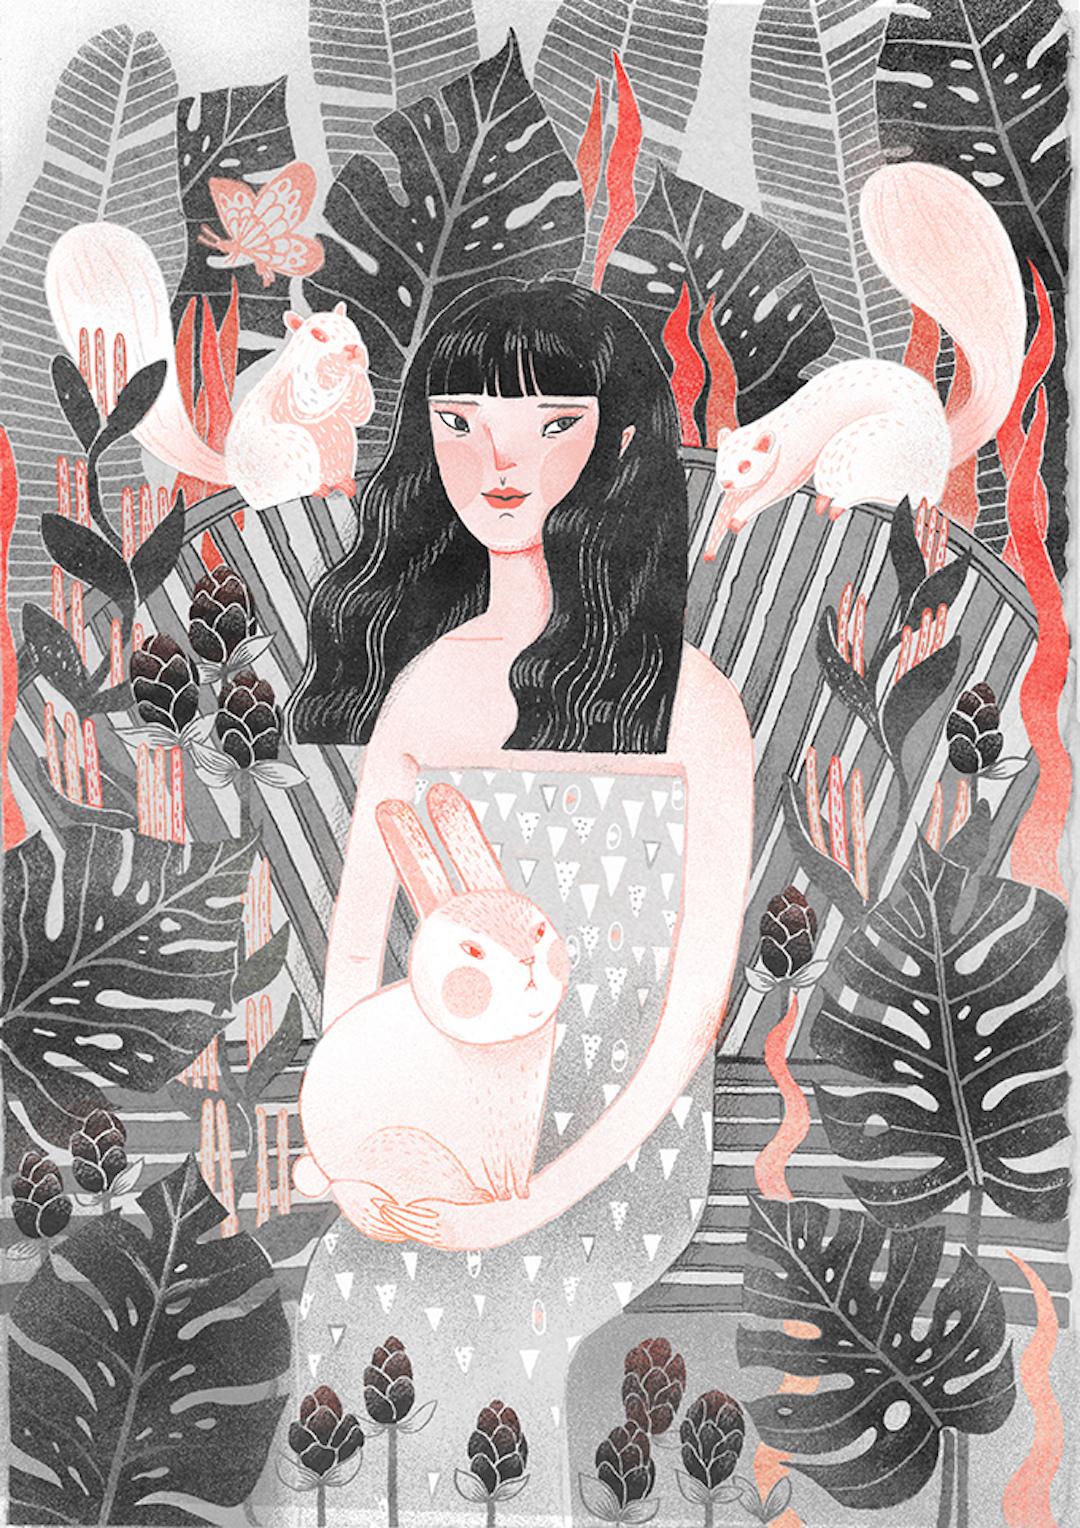 Gray illustration by Hannah Li